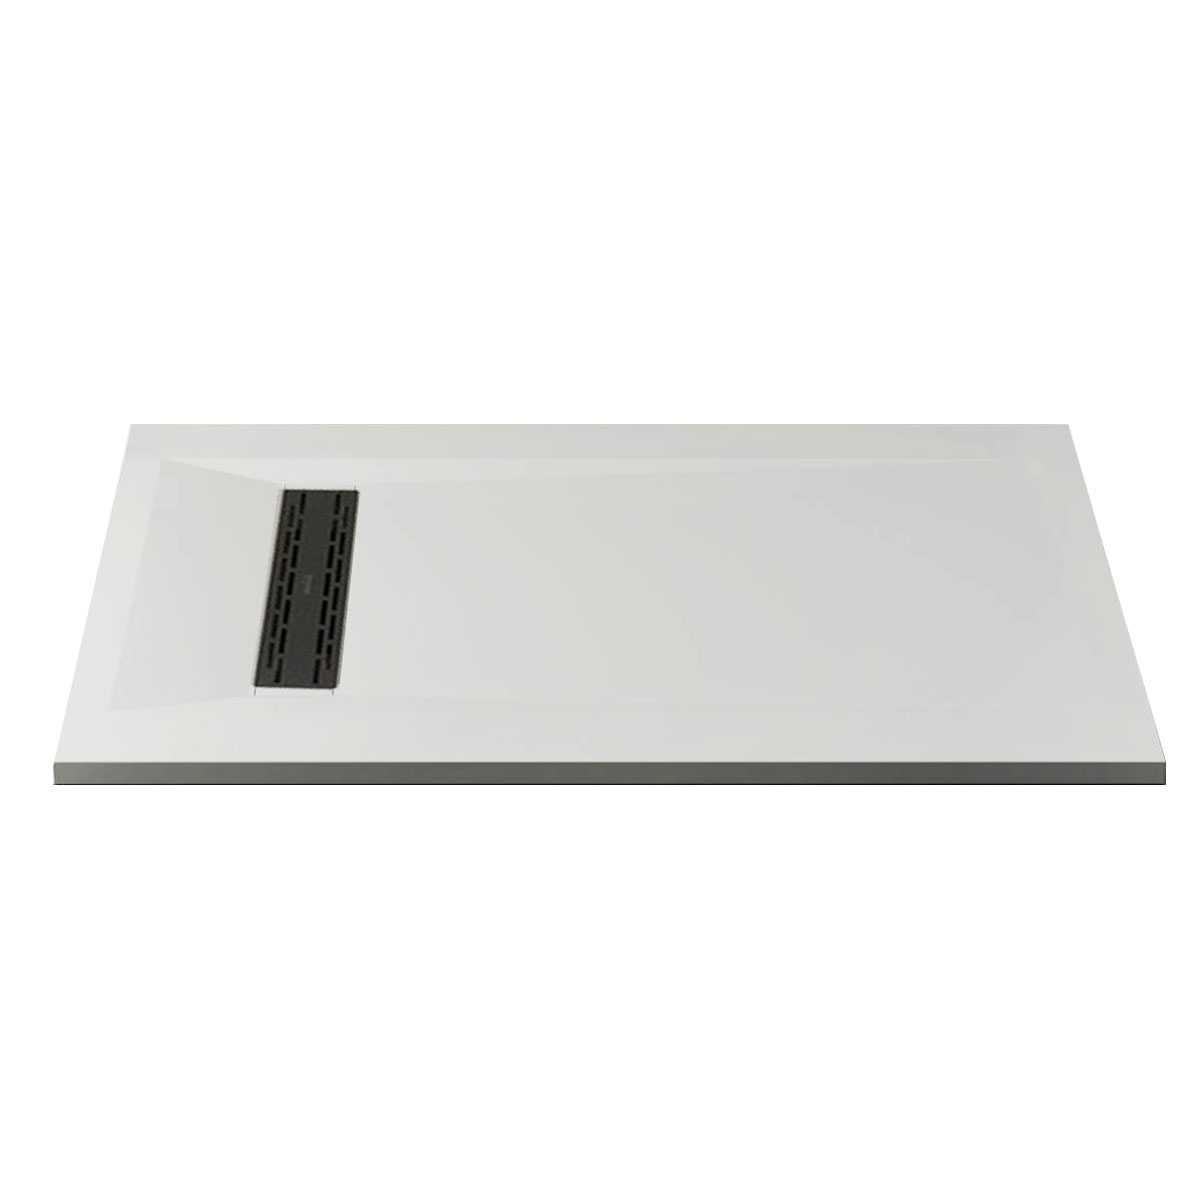 Piatto Doccia Riverside filo pavimento 70x120 h 3 cm colorato opaco in luxolid